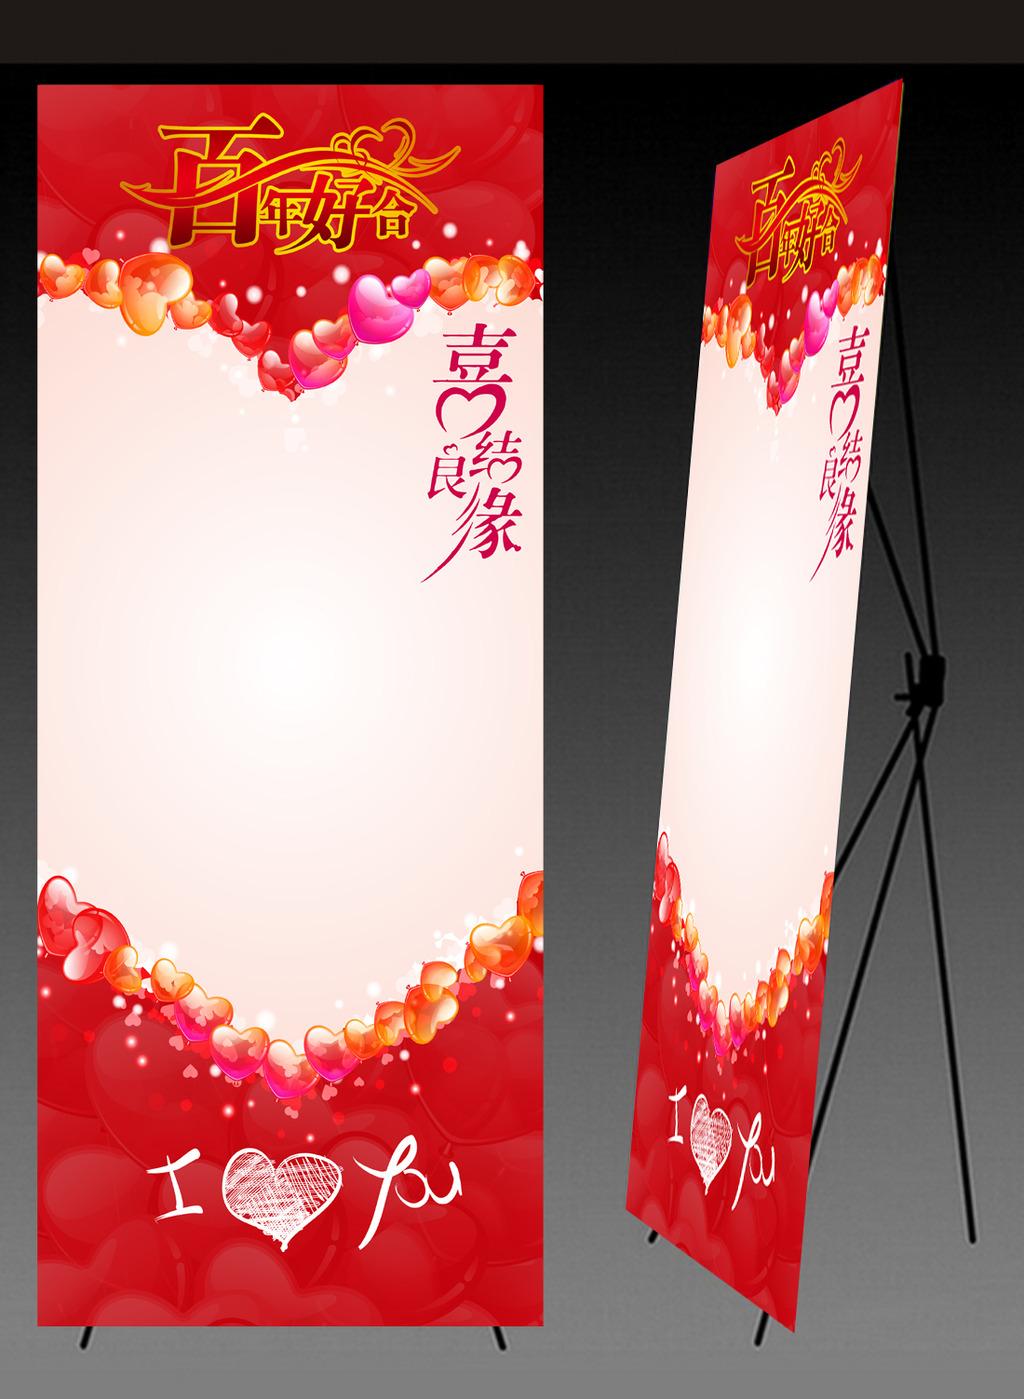 心型婚庆婚礼x展架易拉宝模板下载